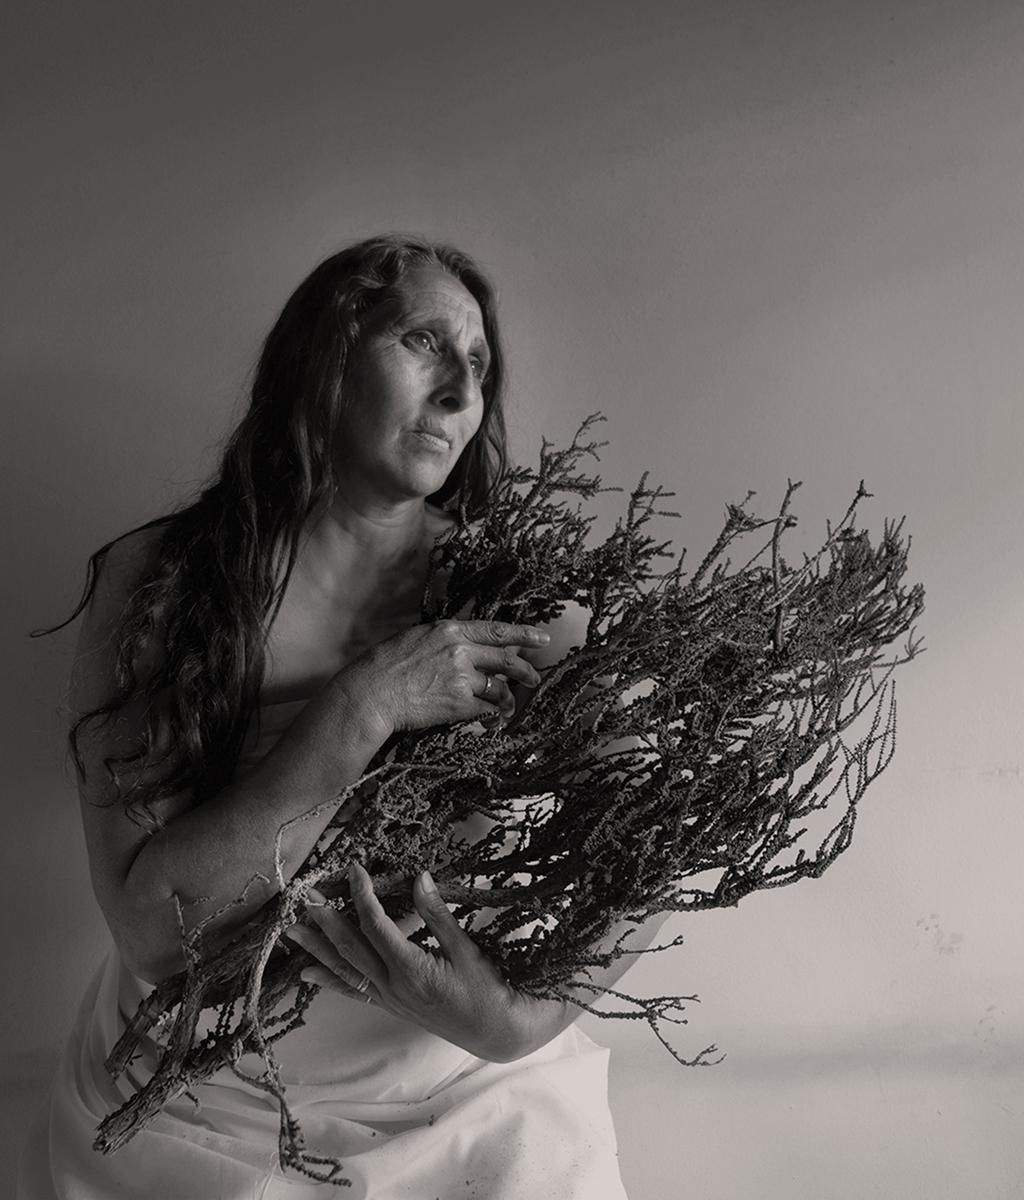 © Giulia Gatti, Su mia madre tira vento, Premio Marco Pesaresi 2020